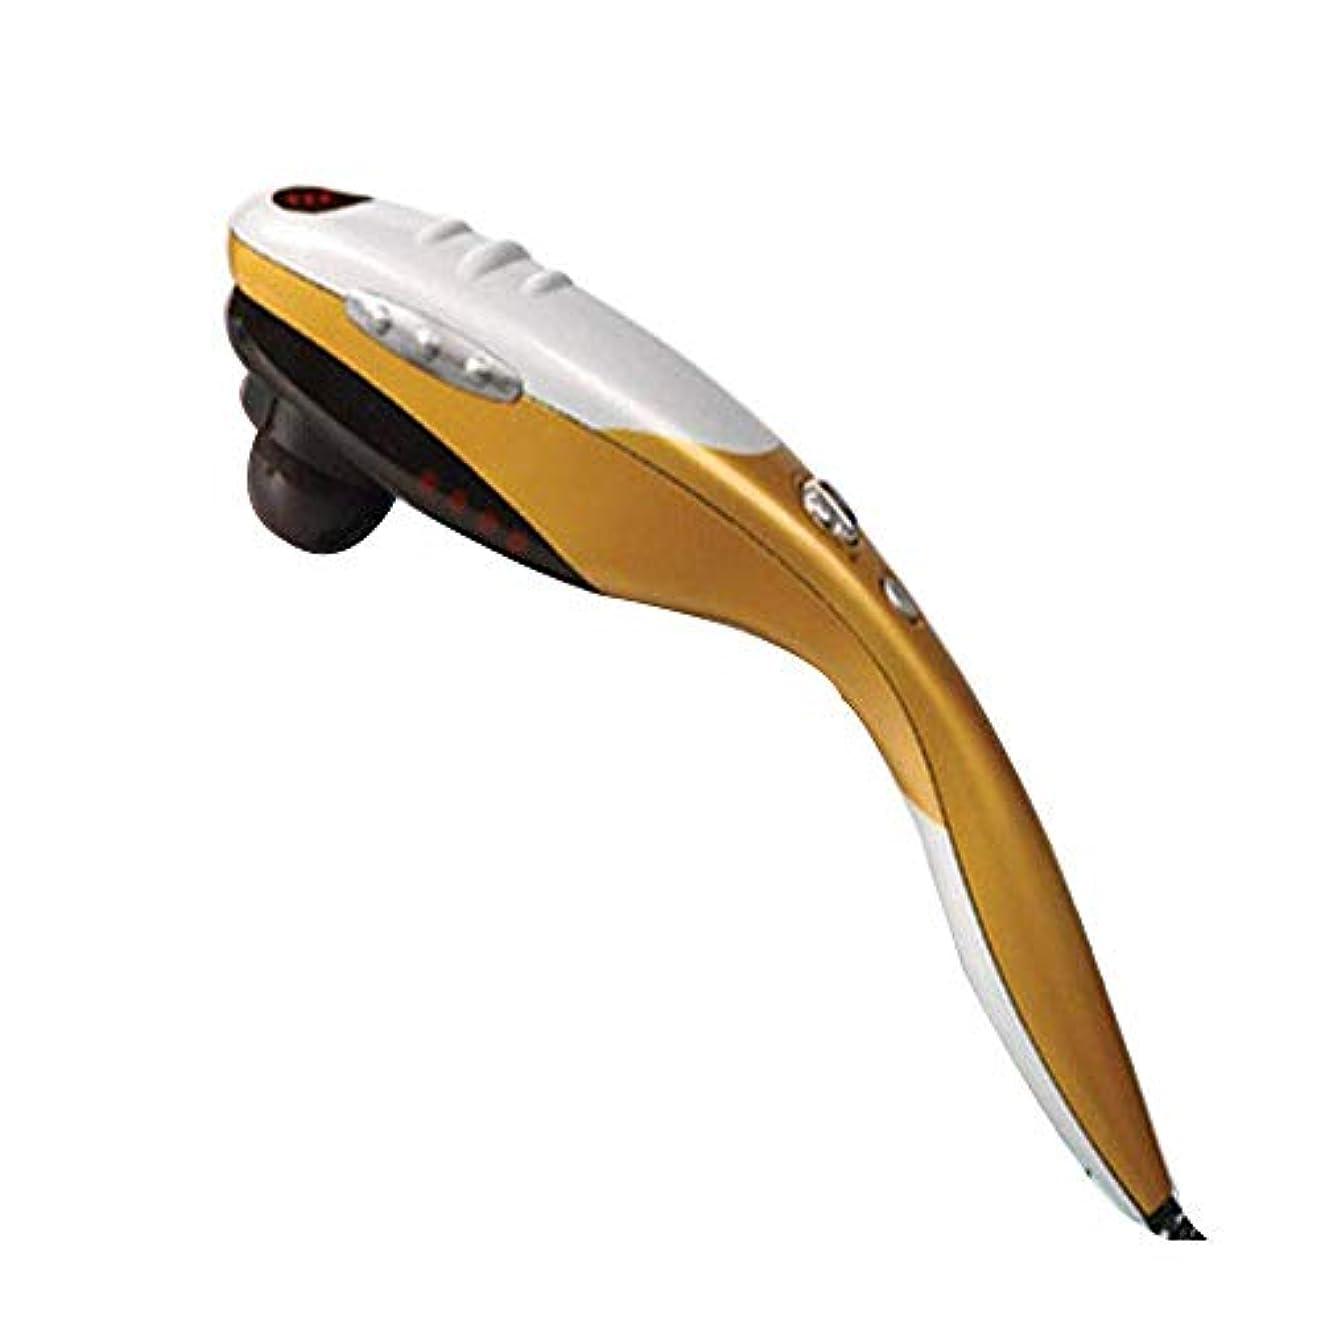 エンジニアリンググロー一目GWM 多機能マッサージ器電動マッサージ無限可変頚部マッサージ器振動赤外線温熱療法マッサージハンマー、(イエロー)